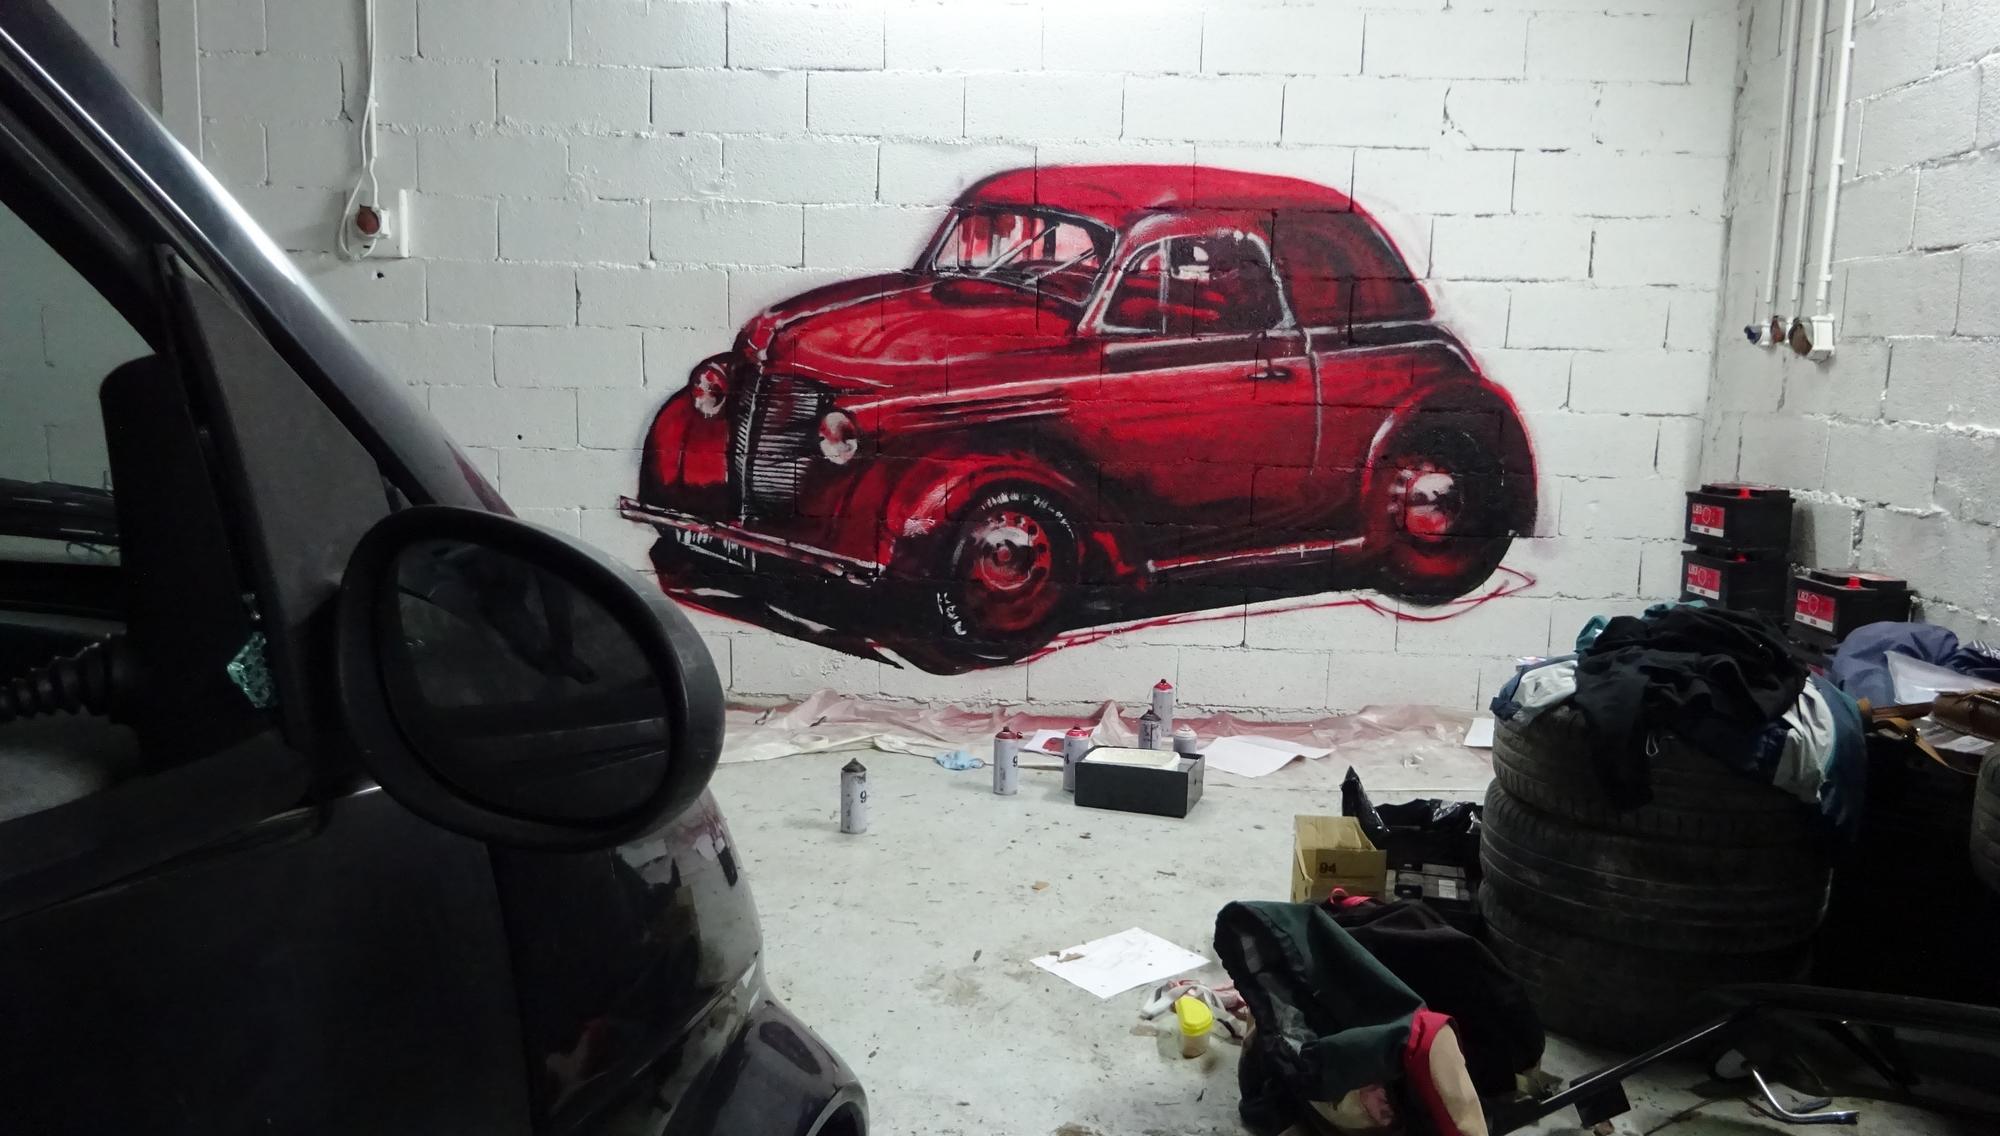 dessin grandeur nature de'd'une voiture en graffiti, peinture réalisée à Aix-en-Provence, PACA